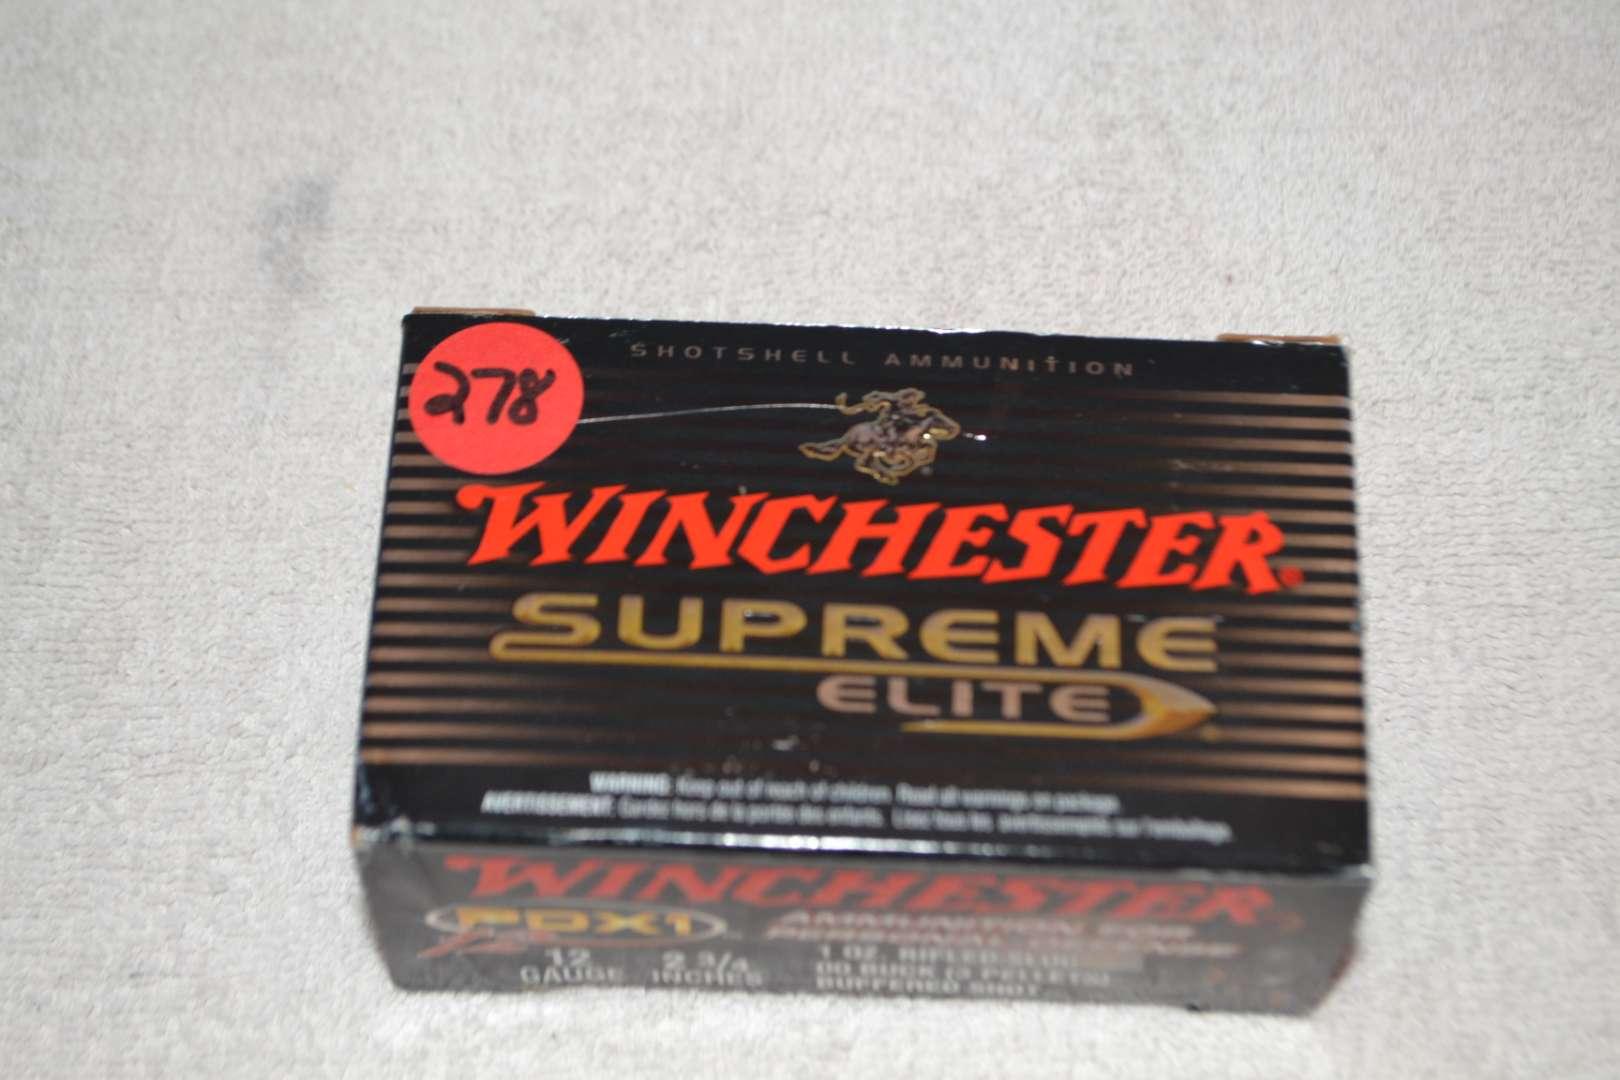 Lot # 278 WINCHESTER 12GA 2 3/4 SUPREME ELITE 9 SHOT GUN SHELLS